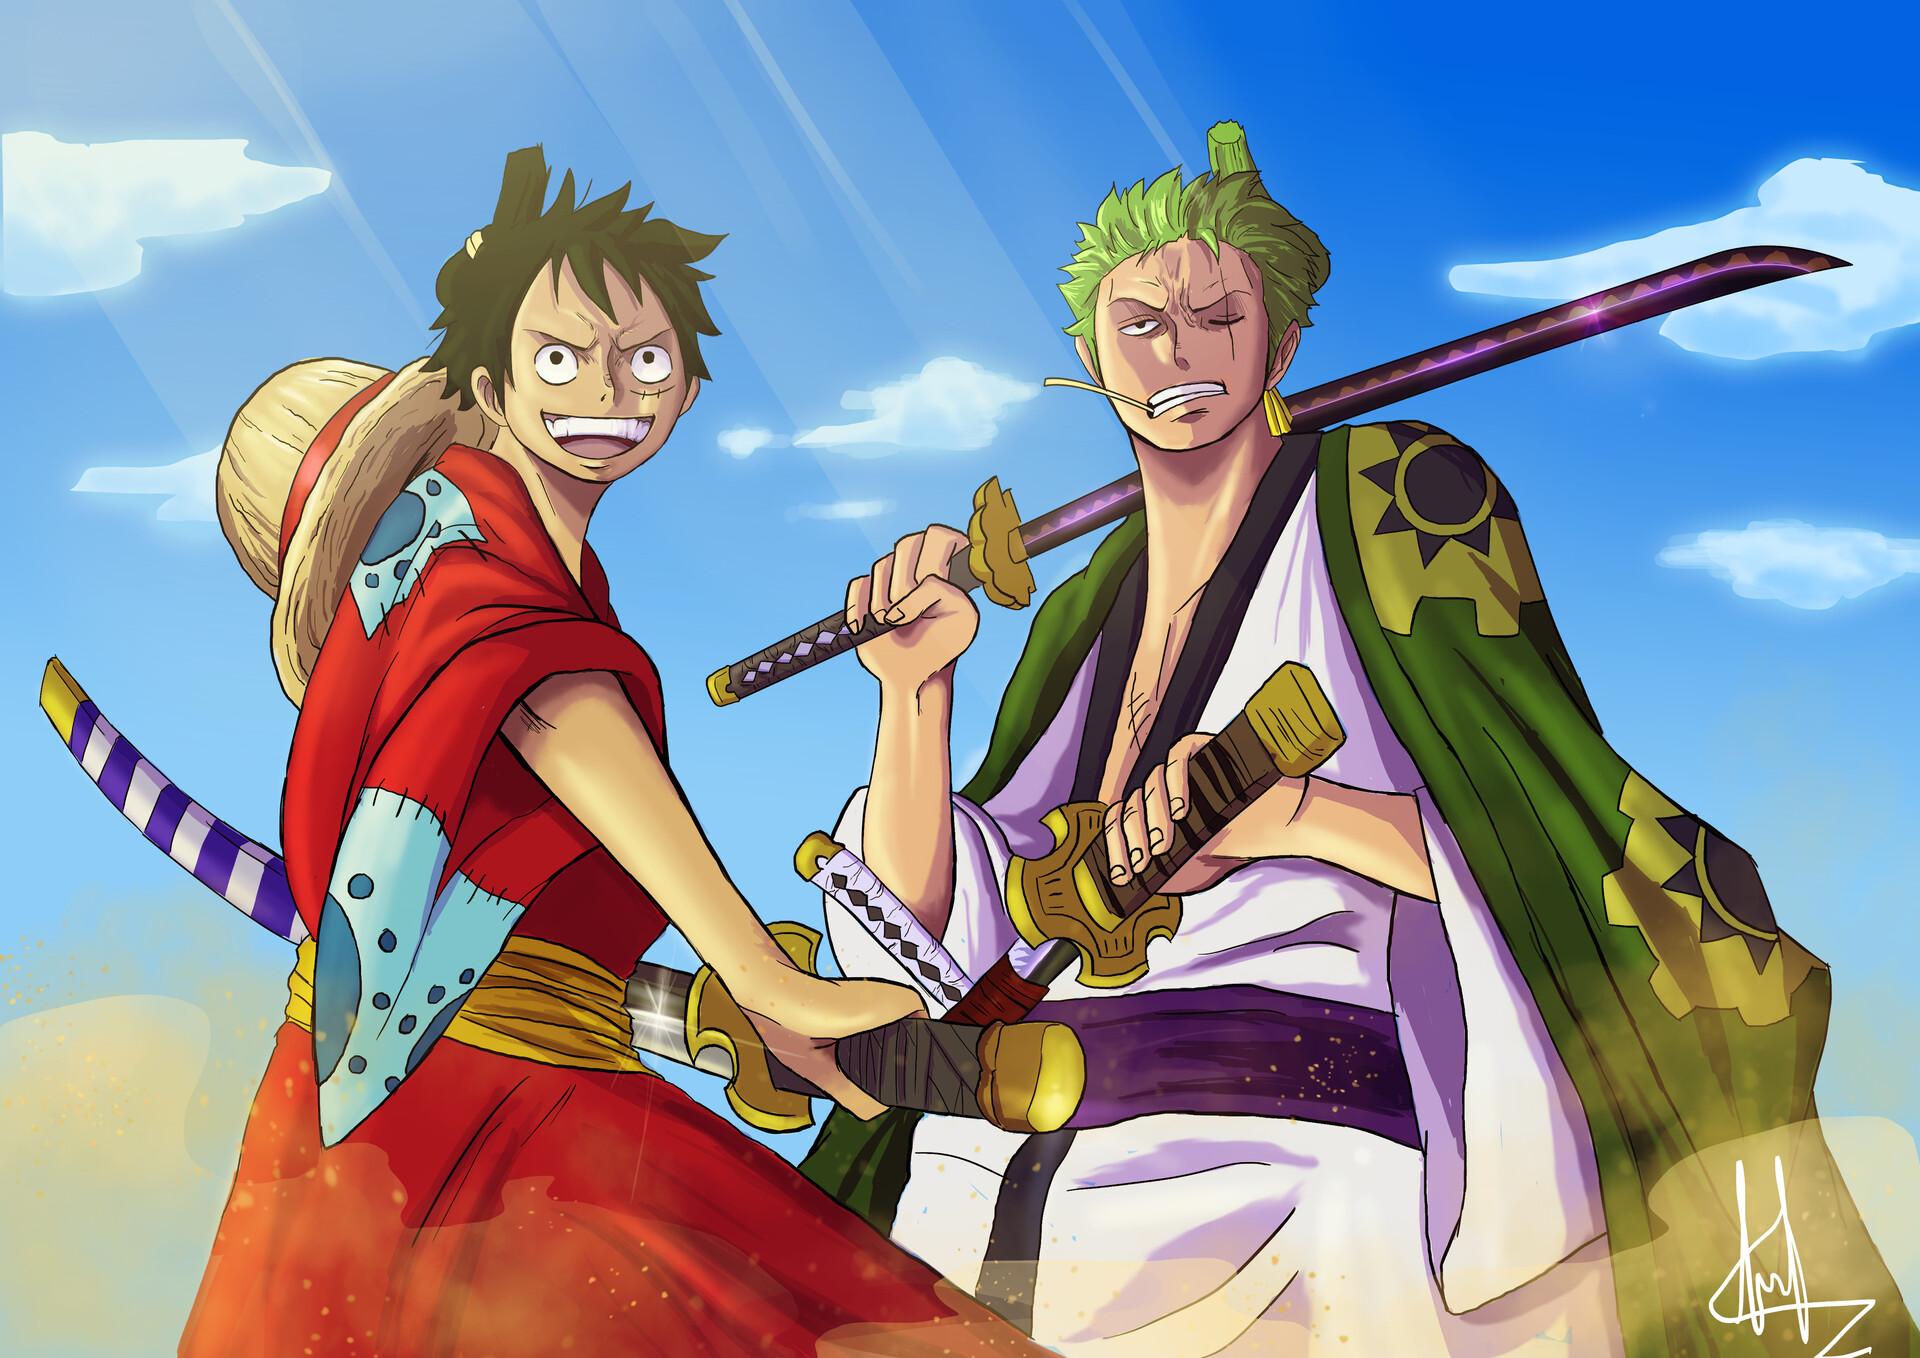 Hình ảnh Luffy và Zoro cầm kiếm